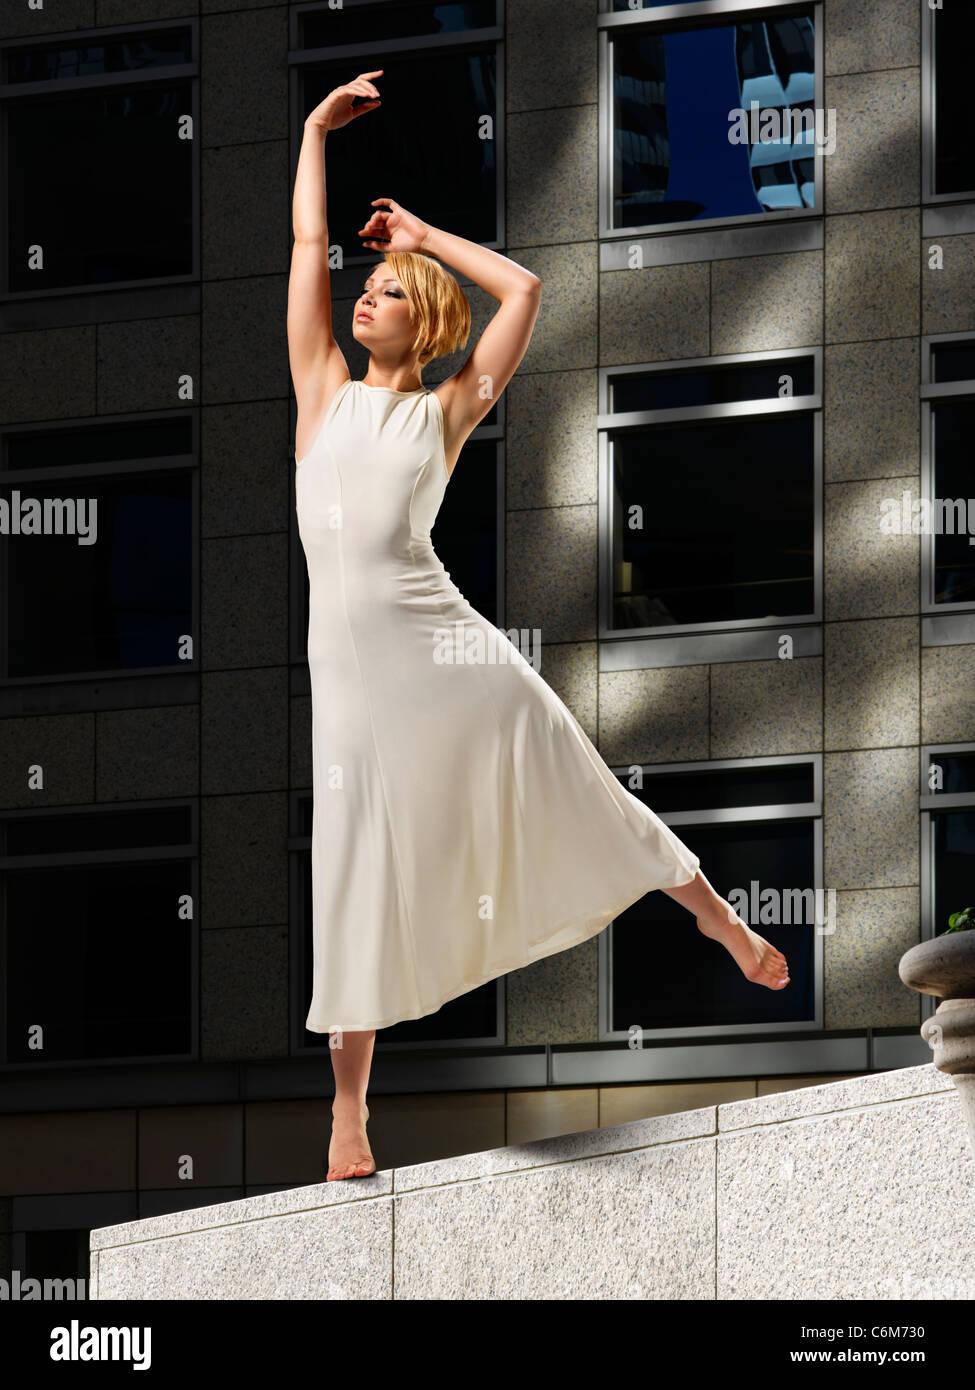 Danseuse en plein soleil posés sur des pierres ledge of office building plaza vu spectaculaire contre l'édifice Photo Stock